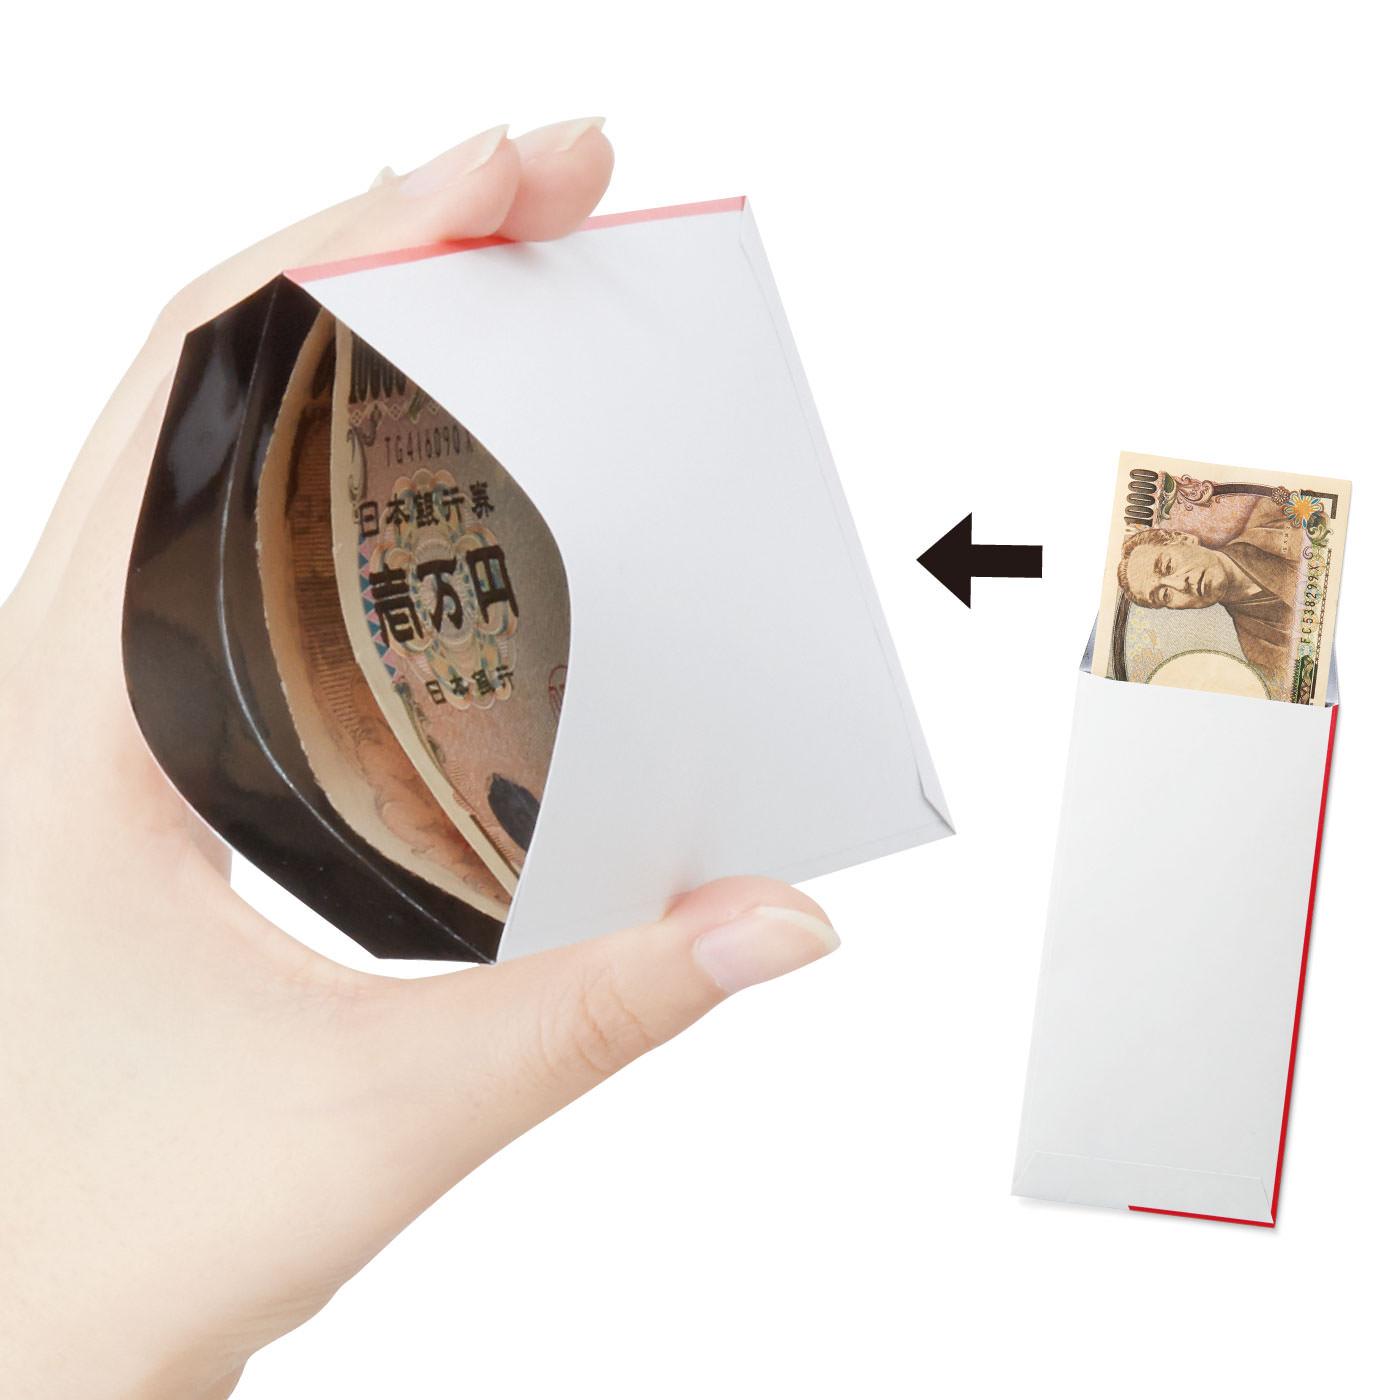 1万円札を1枚だけなのに…おぉ、一瞬お札が倍に見える!?ミラー効果でもらった相手がぬか喜び……